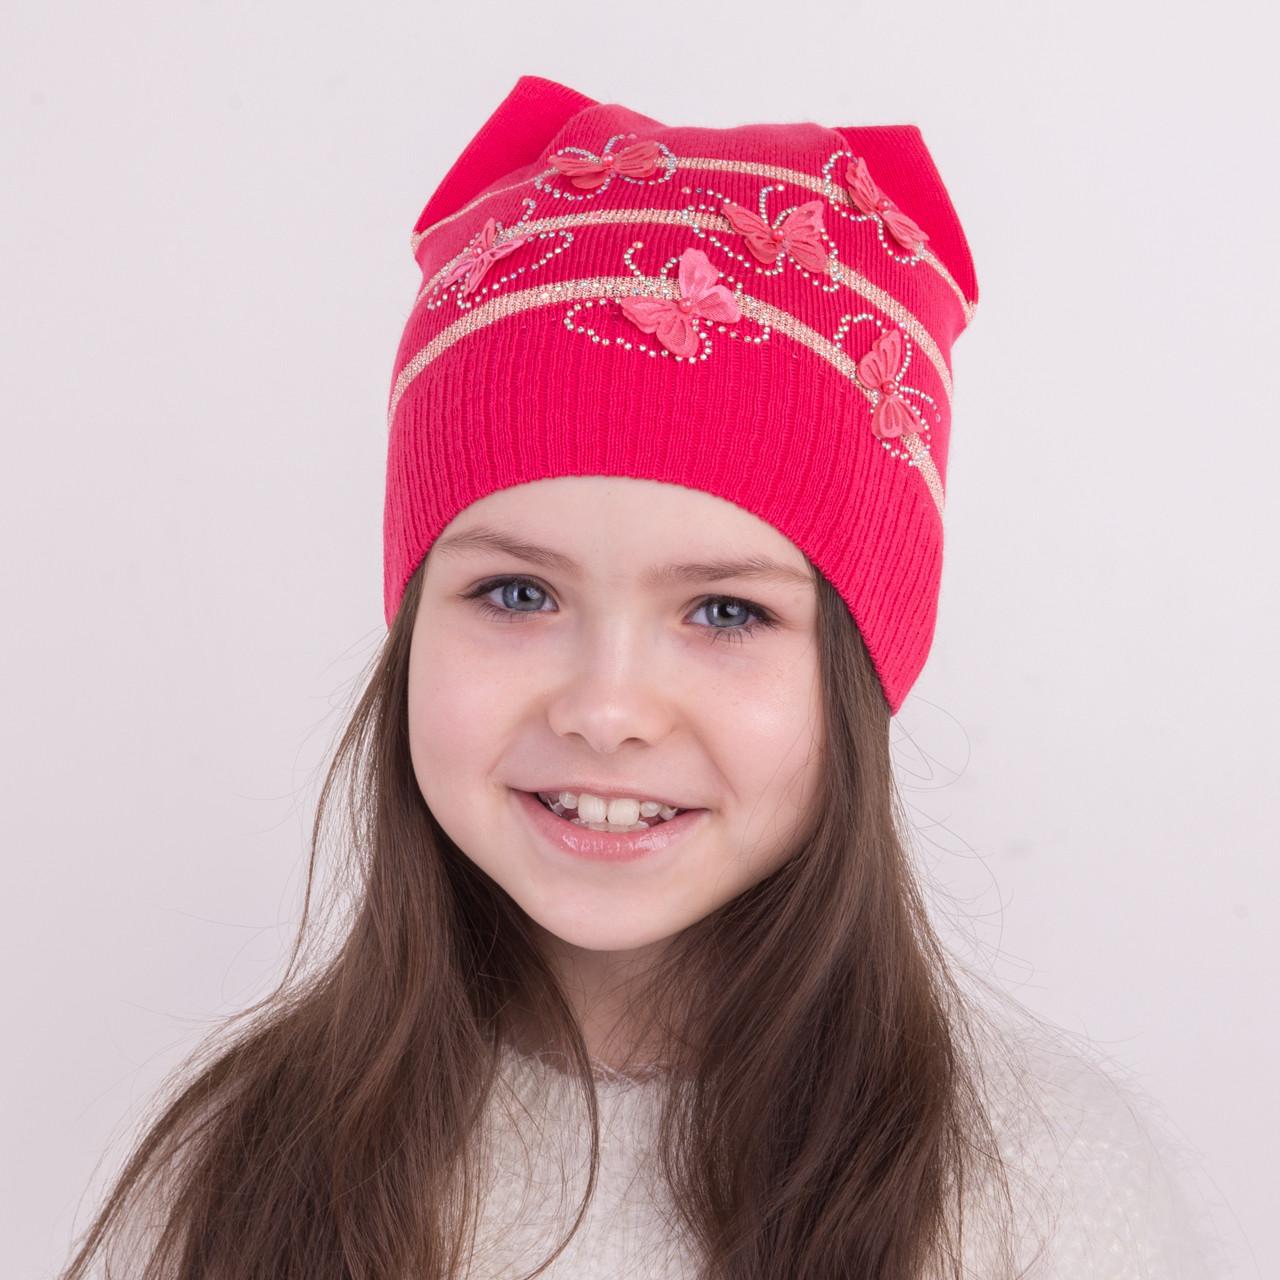 Весенняя вязанная шапка с ушками для девочек - Арт 1273